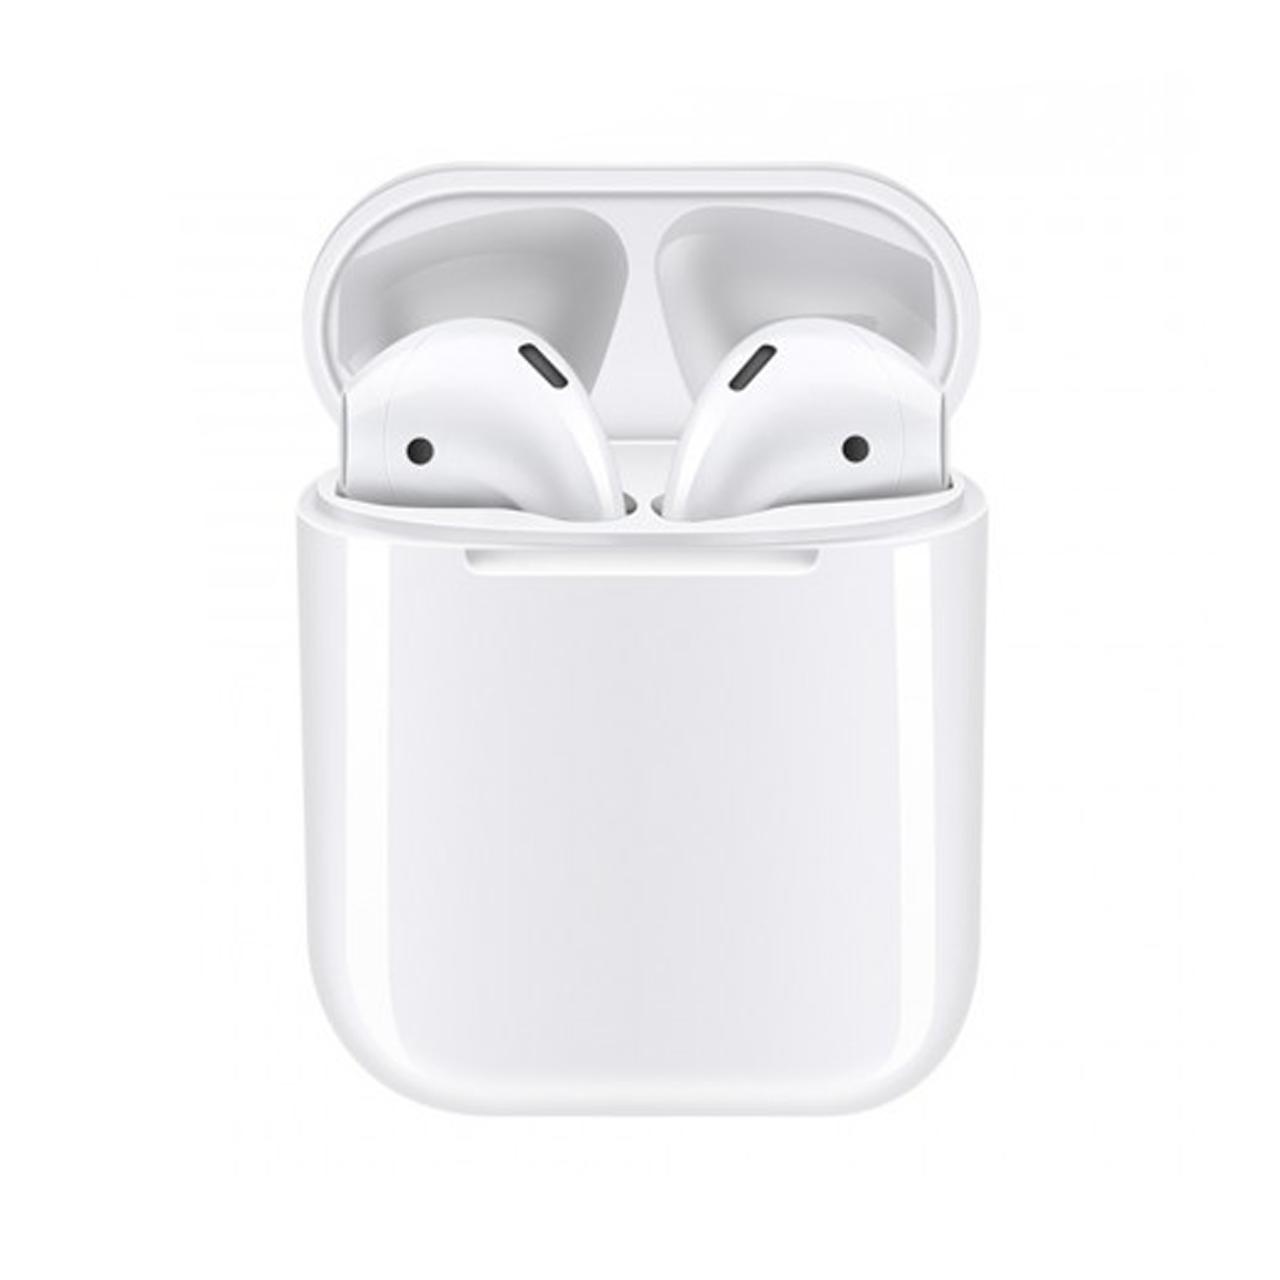 [ОПТ]Беспроводные наушники I12 TWS с микрофоном (Белые)